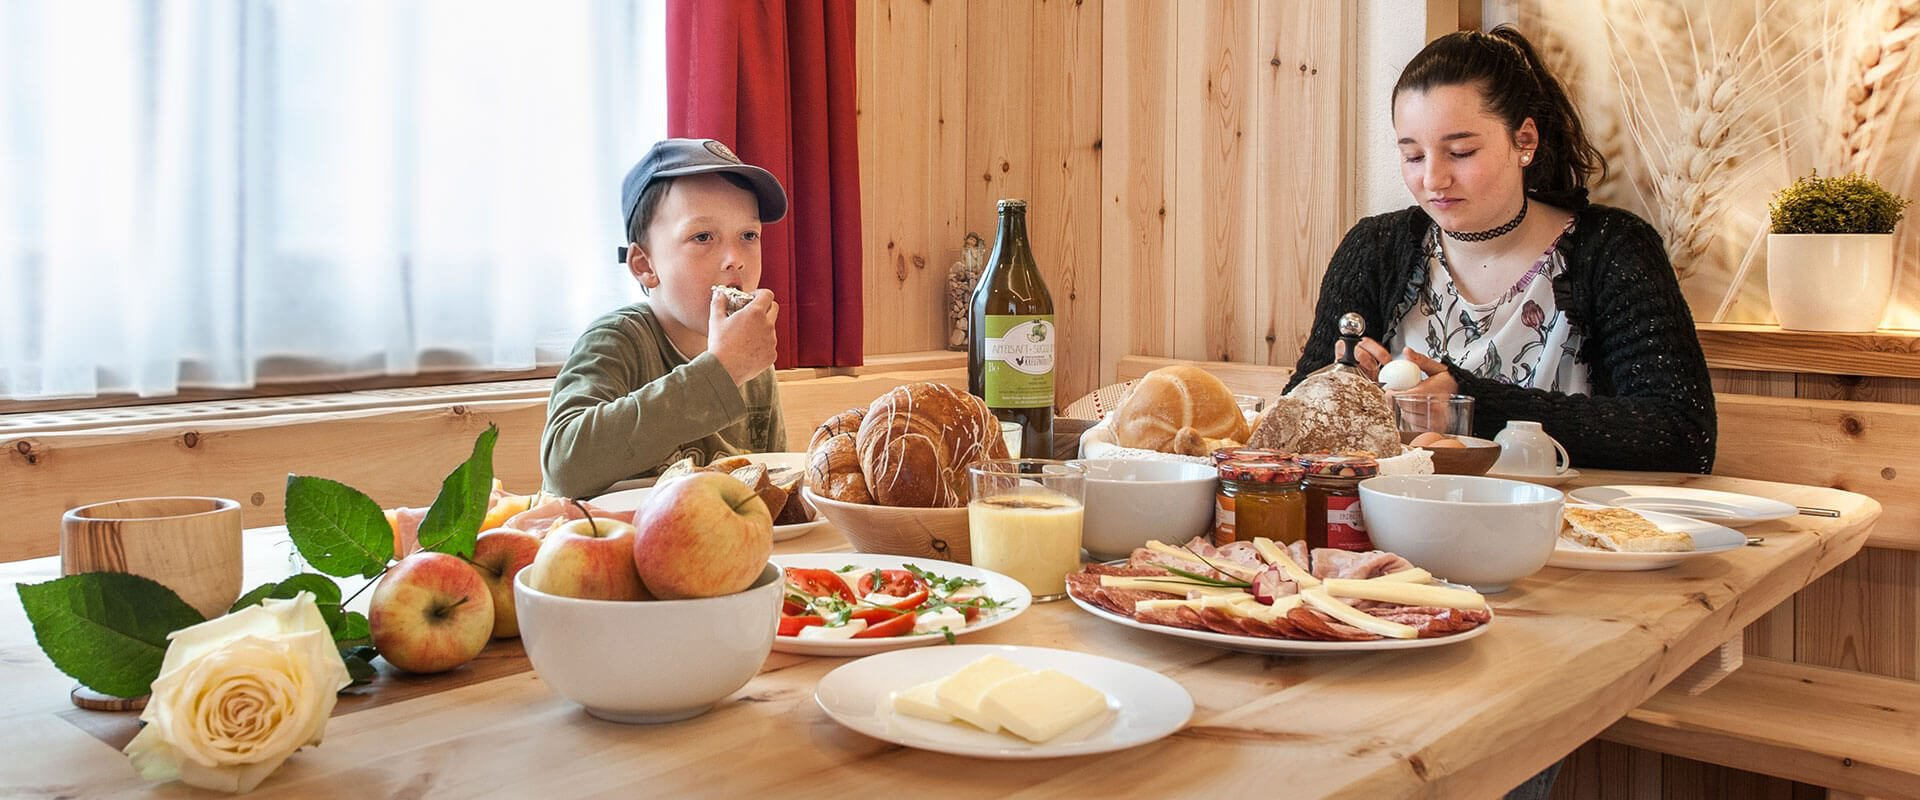 Urlaub auf dem Bauernhof in Lüsen am Kreuznerhof